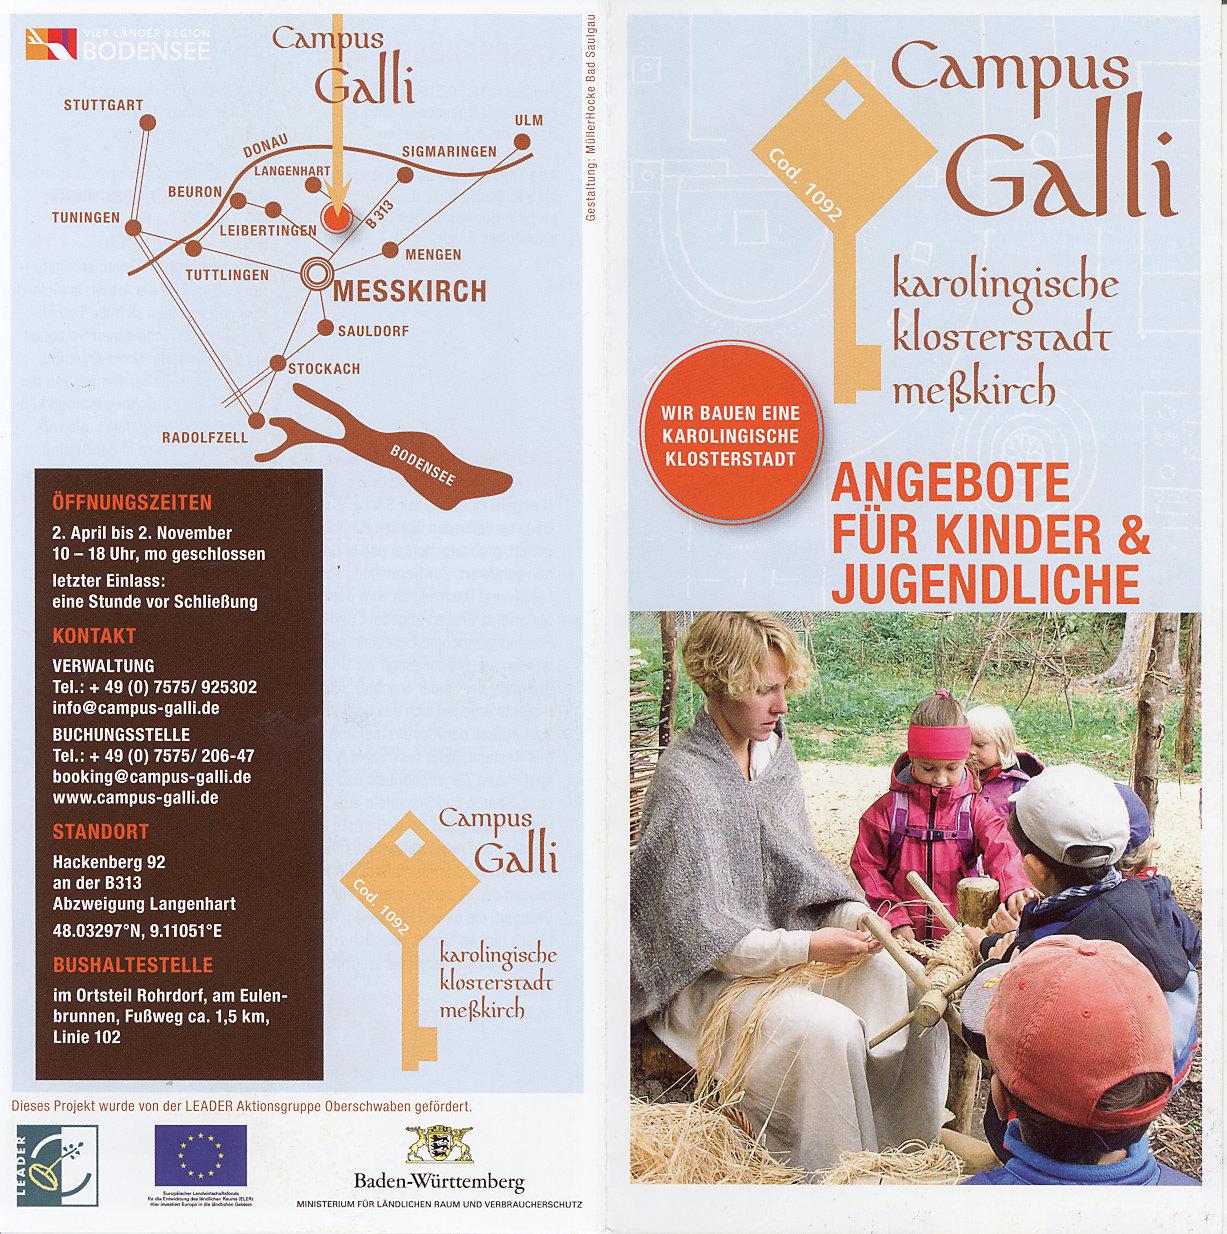 Campus Galli klein.2